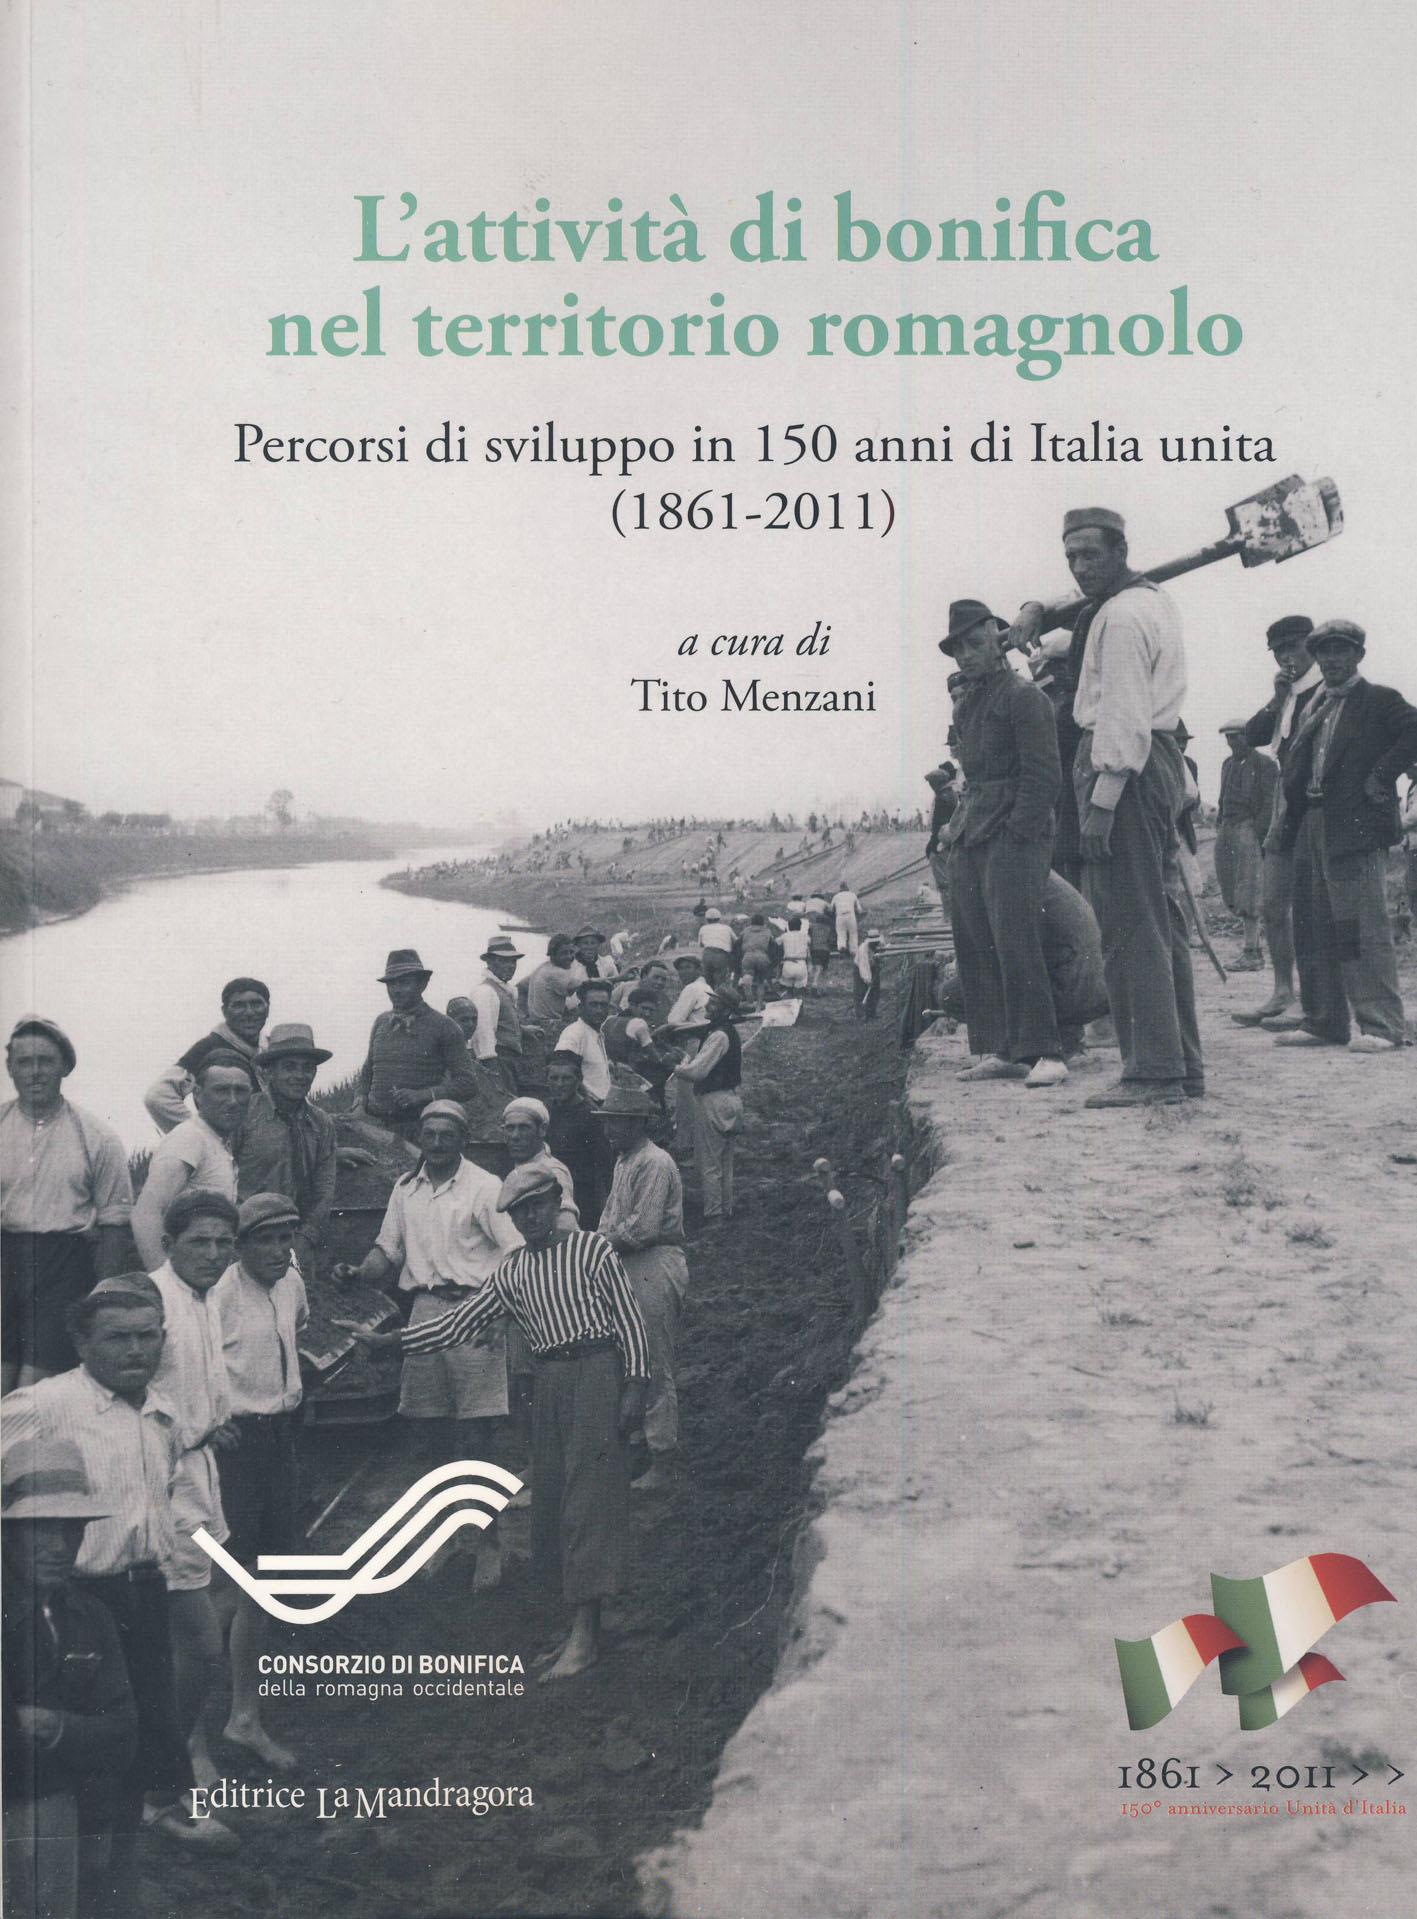 L'attività di bonifica nel territorio romagnolo. Percorsi di sviluppo in 150 anni di Italia unita (1861-2011)